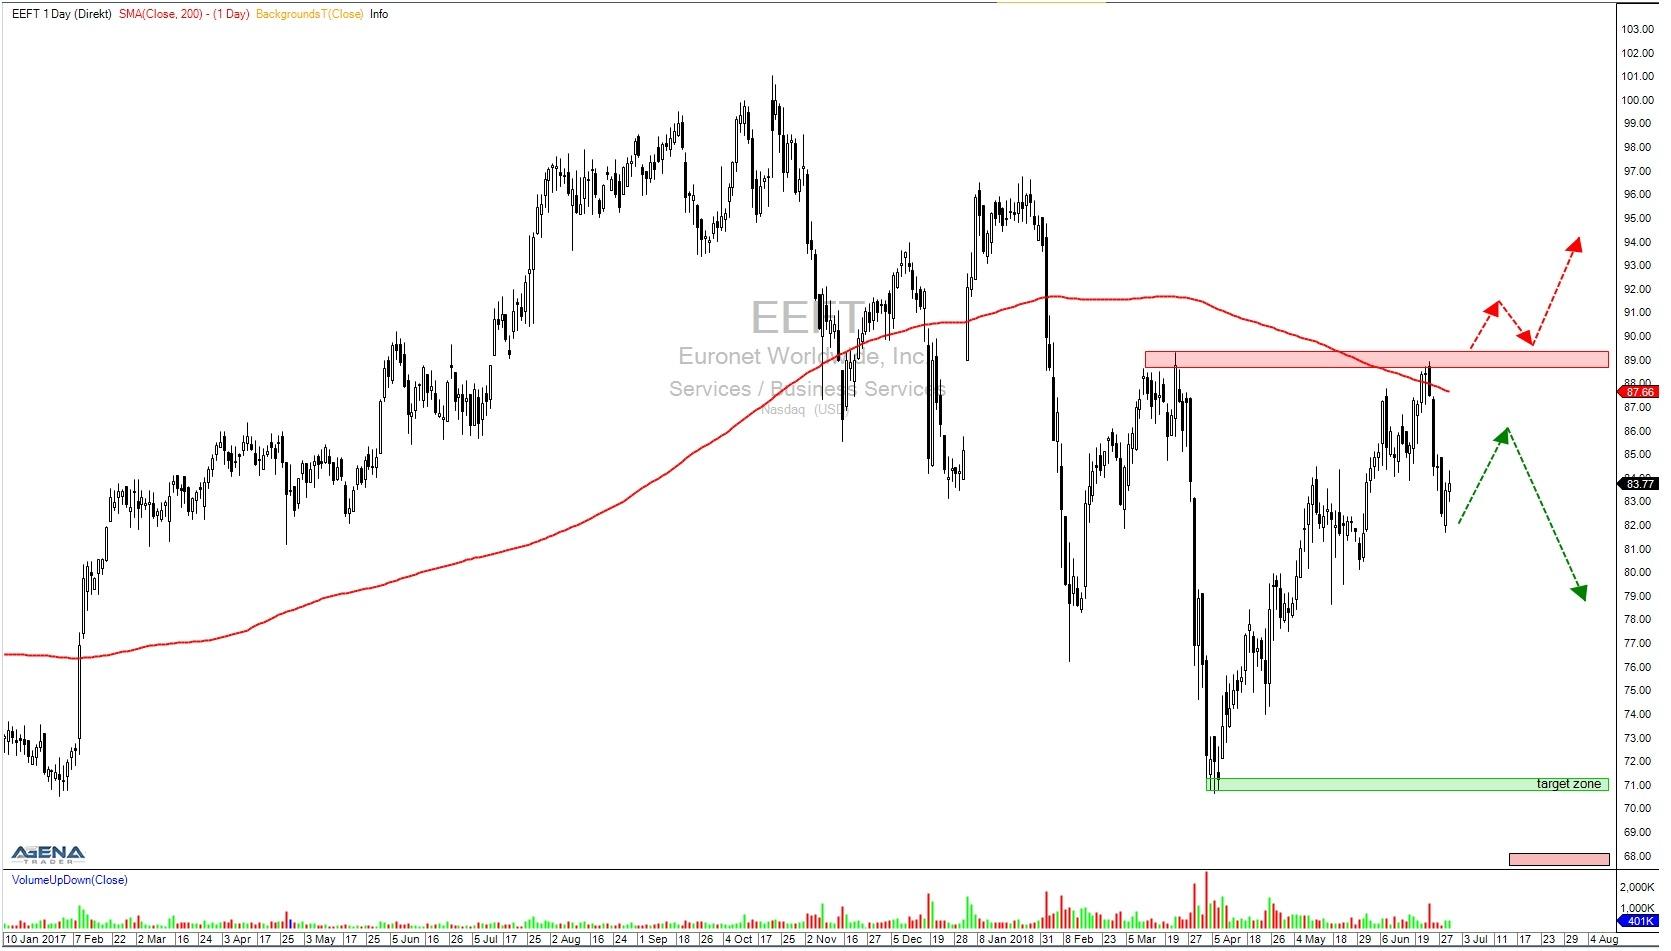 Aktie EEFT Tageschart mit Trendverlauf und Zielen